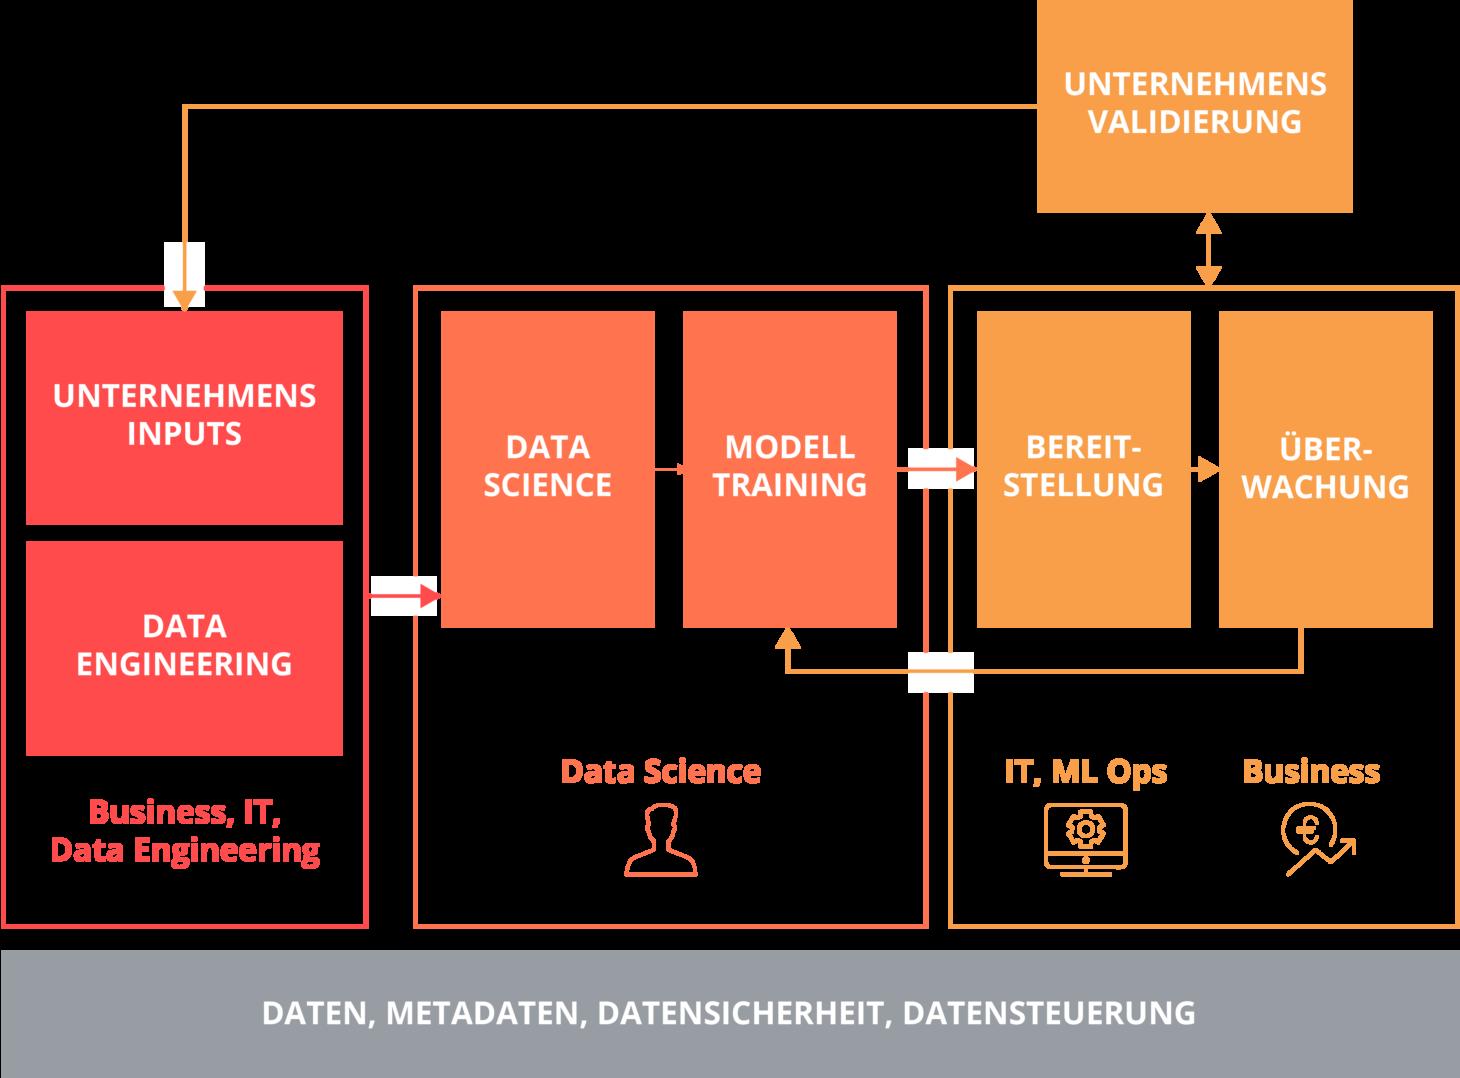 Dieses Data Science Schaubild zeigt Machine Learning Modell in Produktivumgebungen von Unternehmen